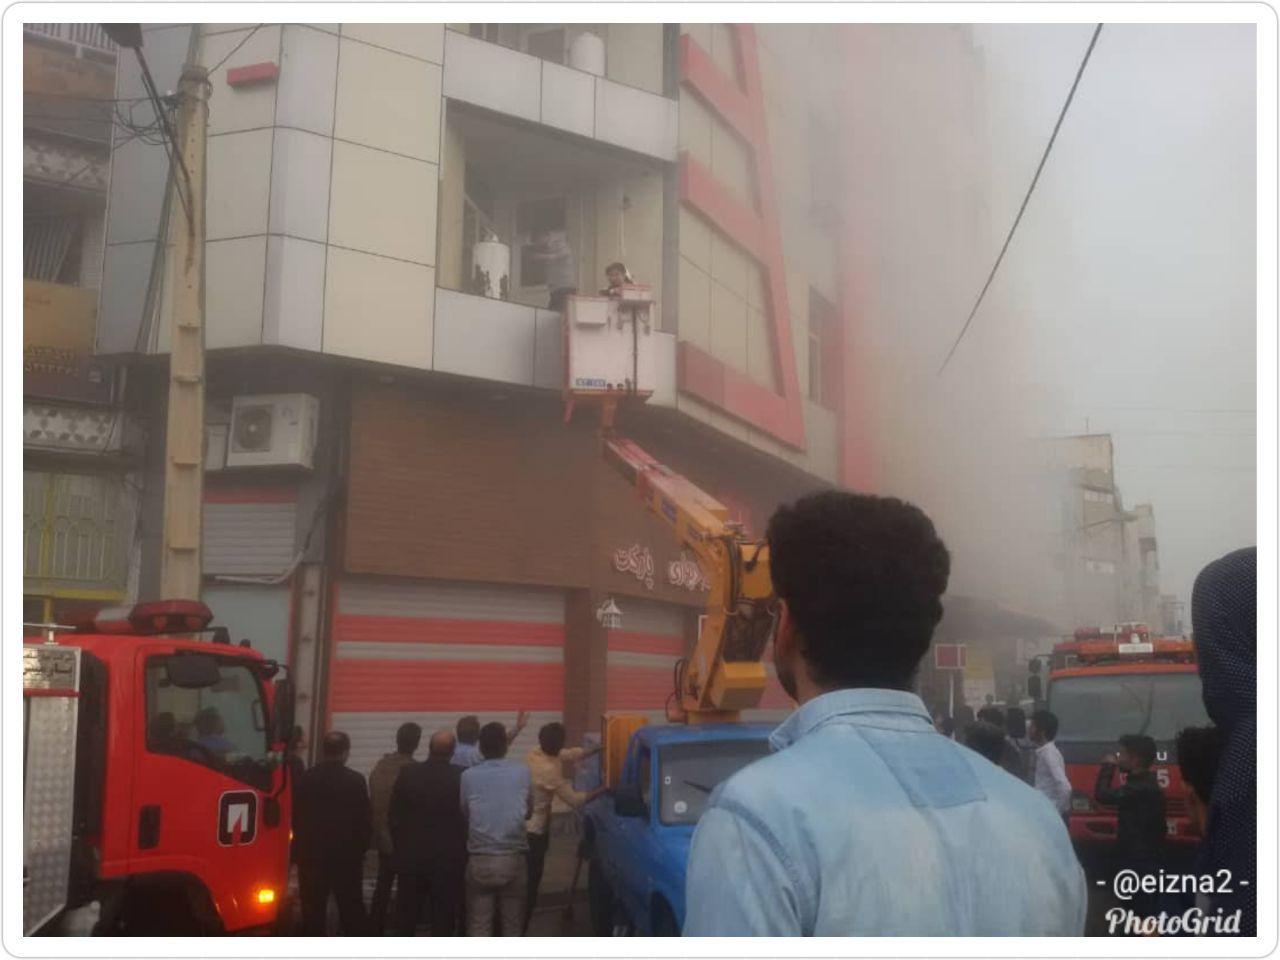 جزییات آتش سوزی در واحد آپارتمانی میدان شهدا ایذه/ ۲ آتش نشان مصدوم شدند